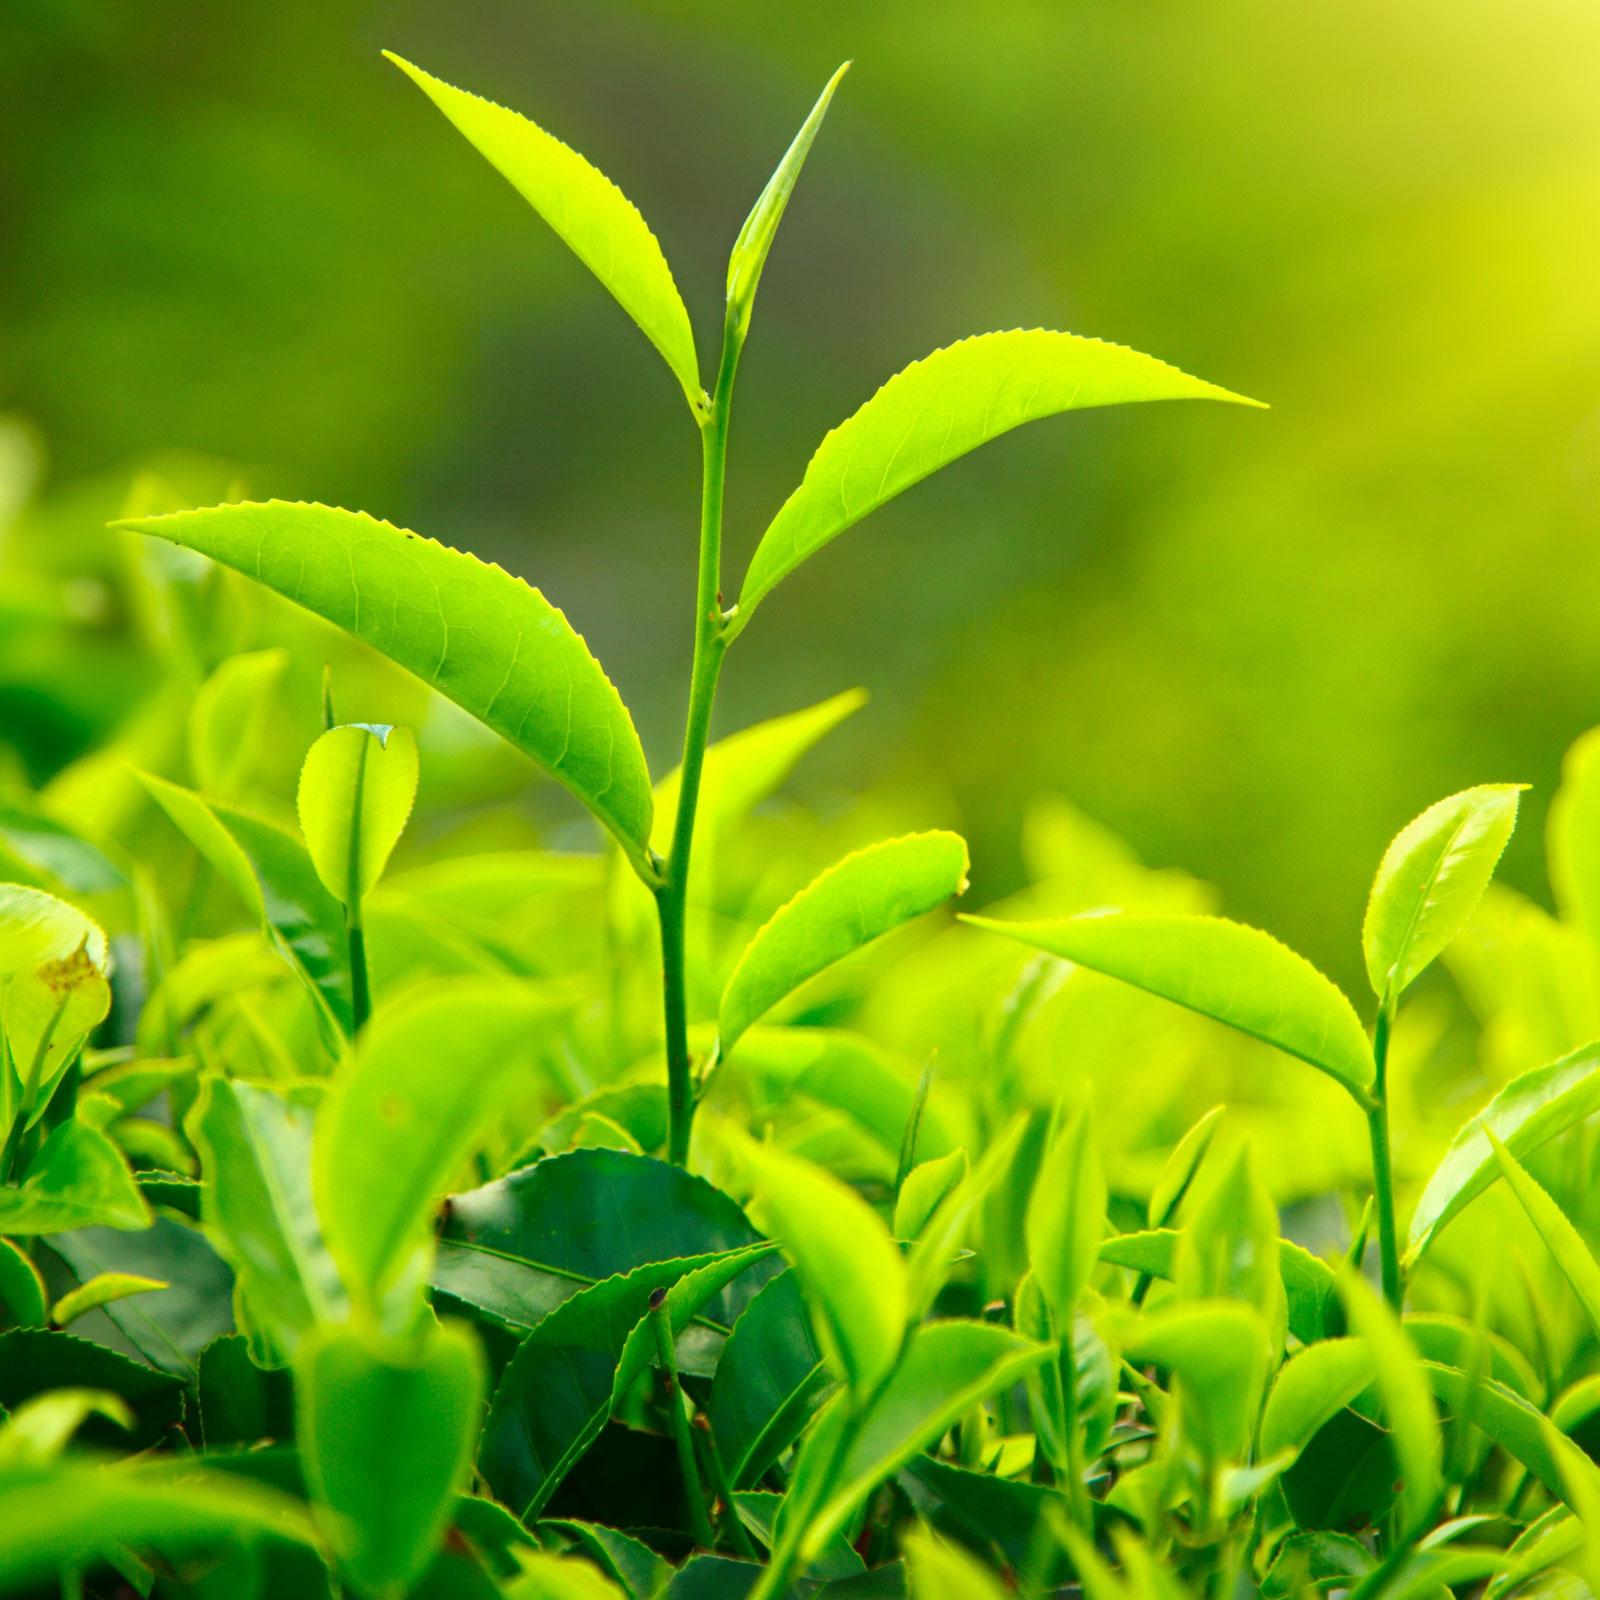 قیمت چای بهاره 98 اعلام شد. چای لاهیجان و فومنات